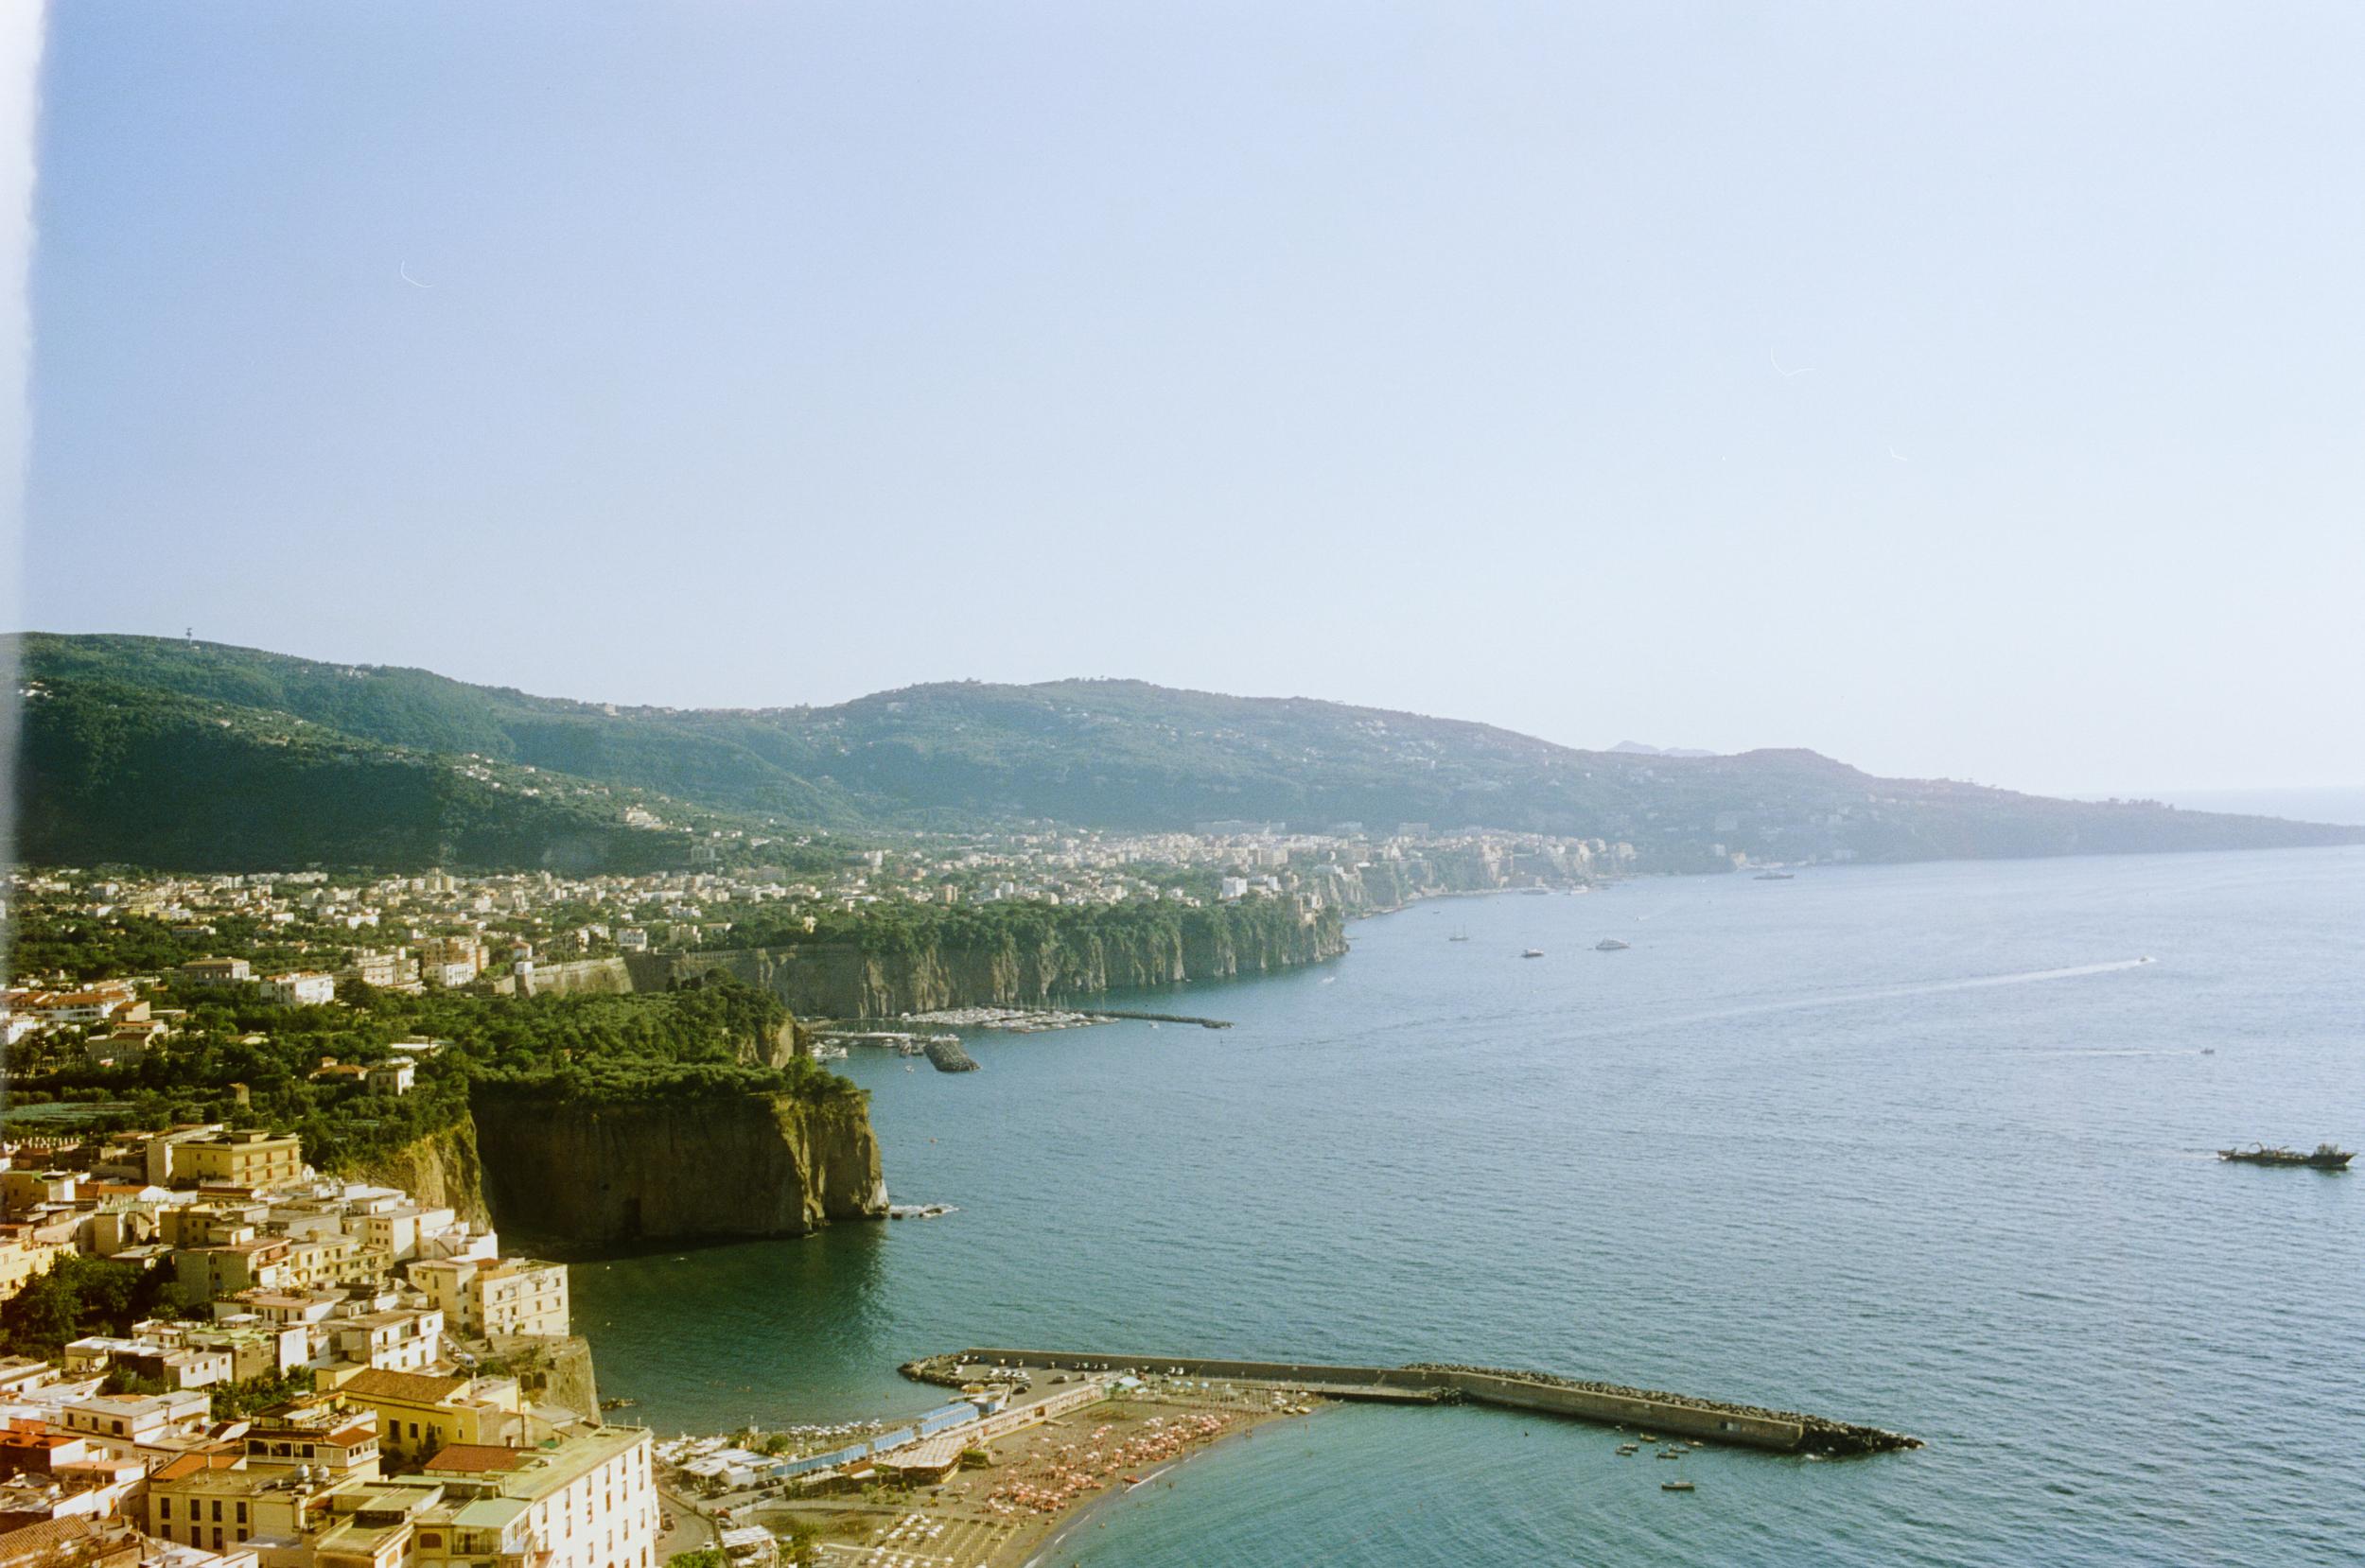 praiano-0015.jpg